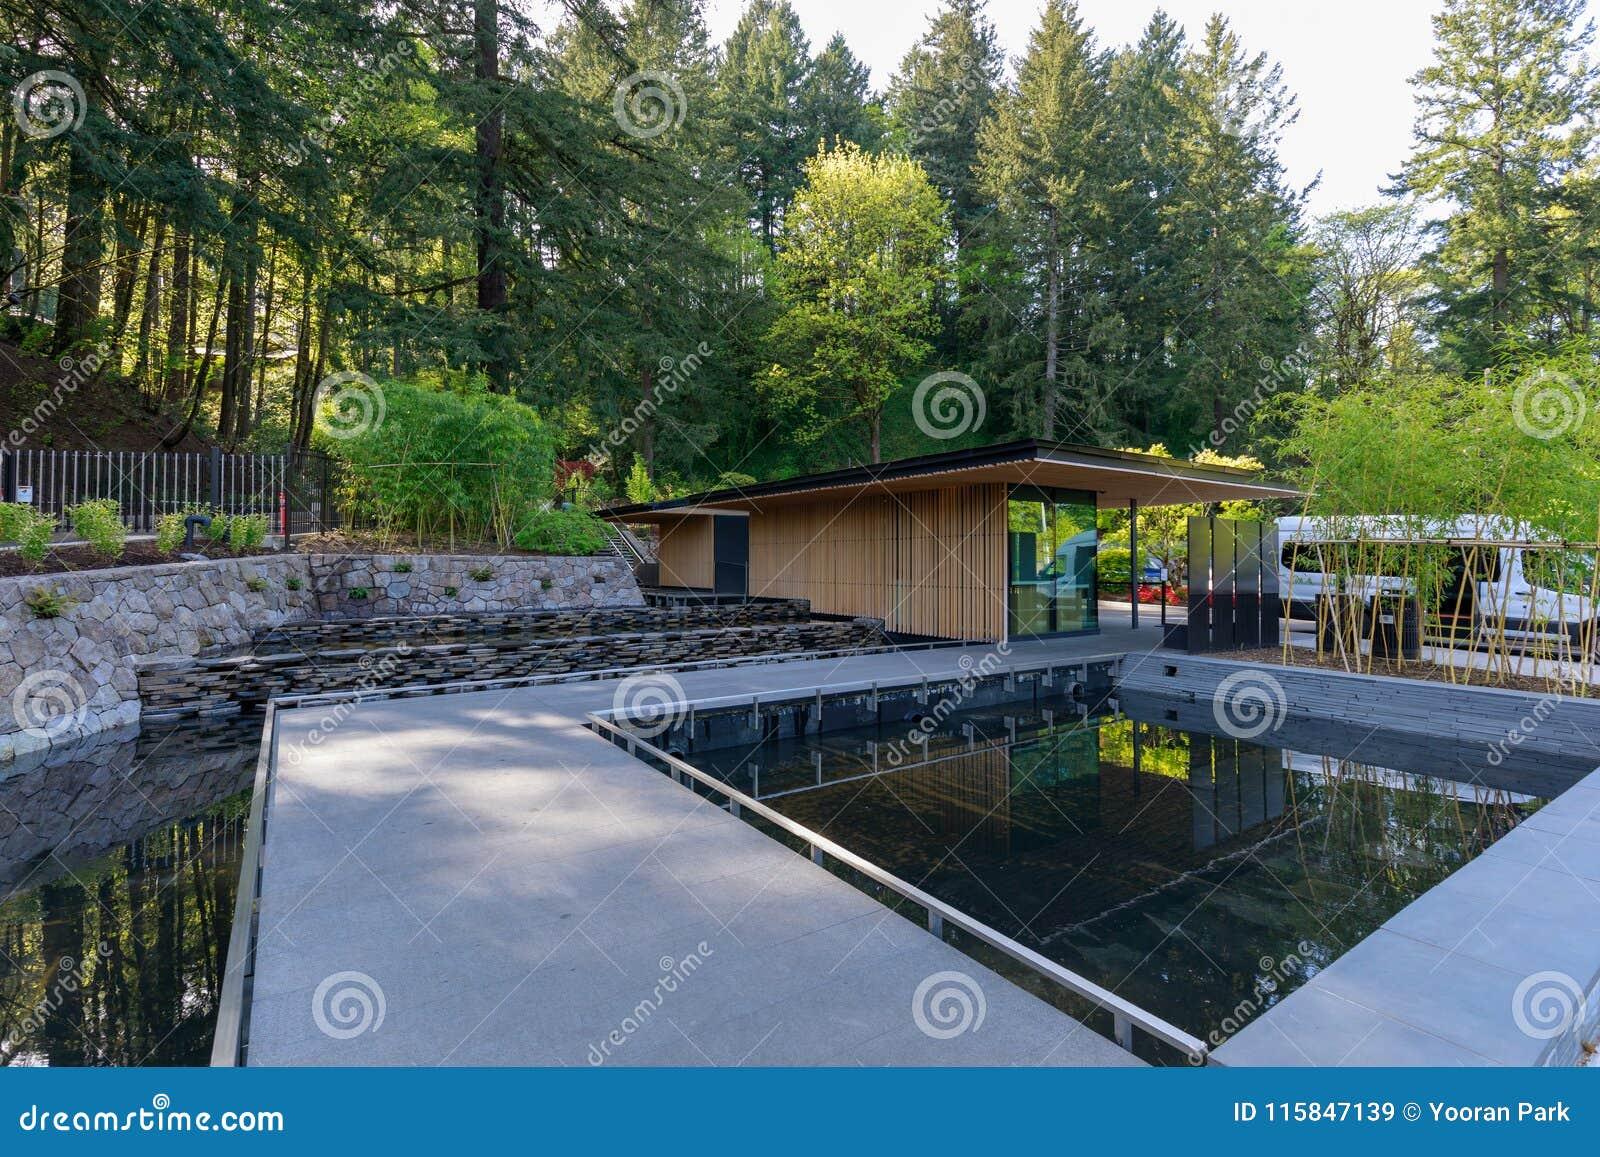 The Main Entrance Of Portland Japanese Garden At Spring Season